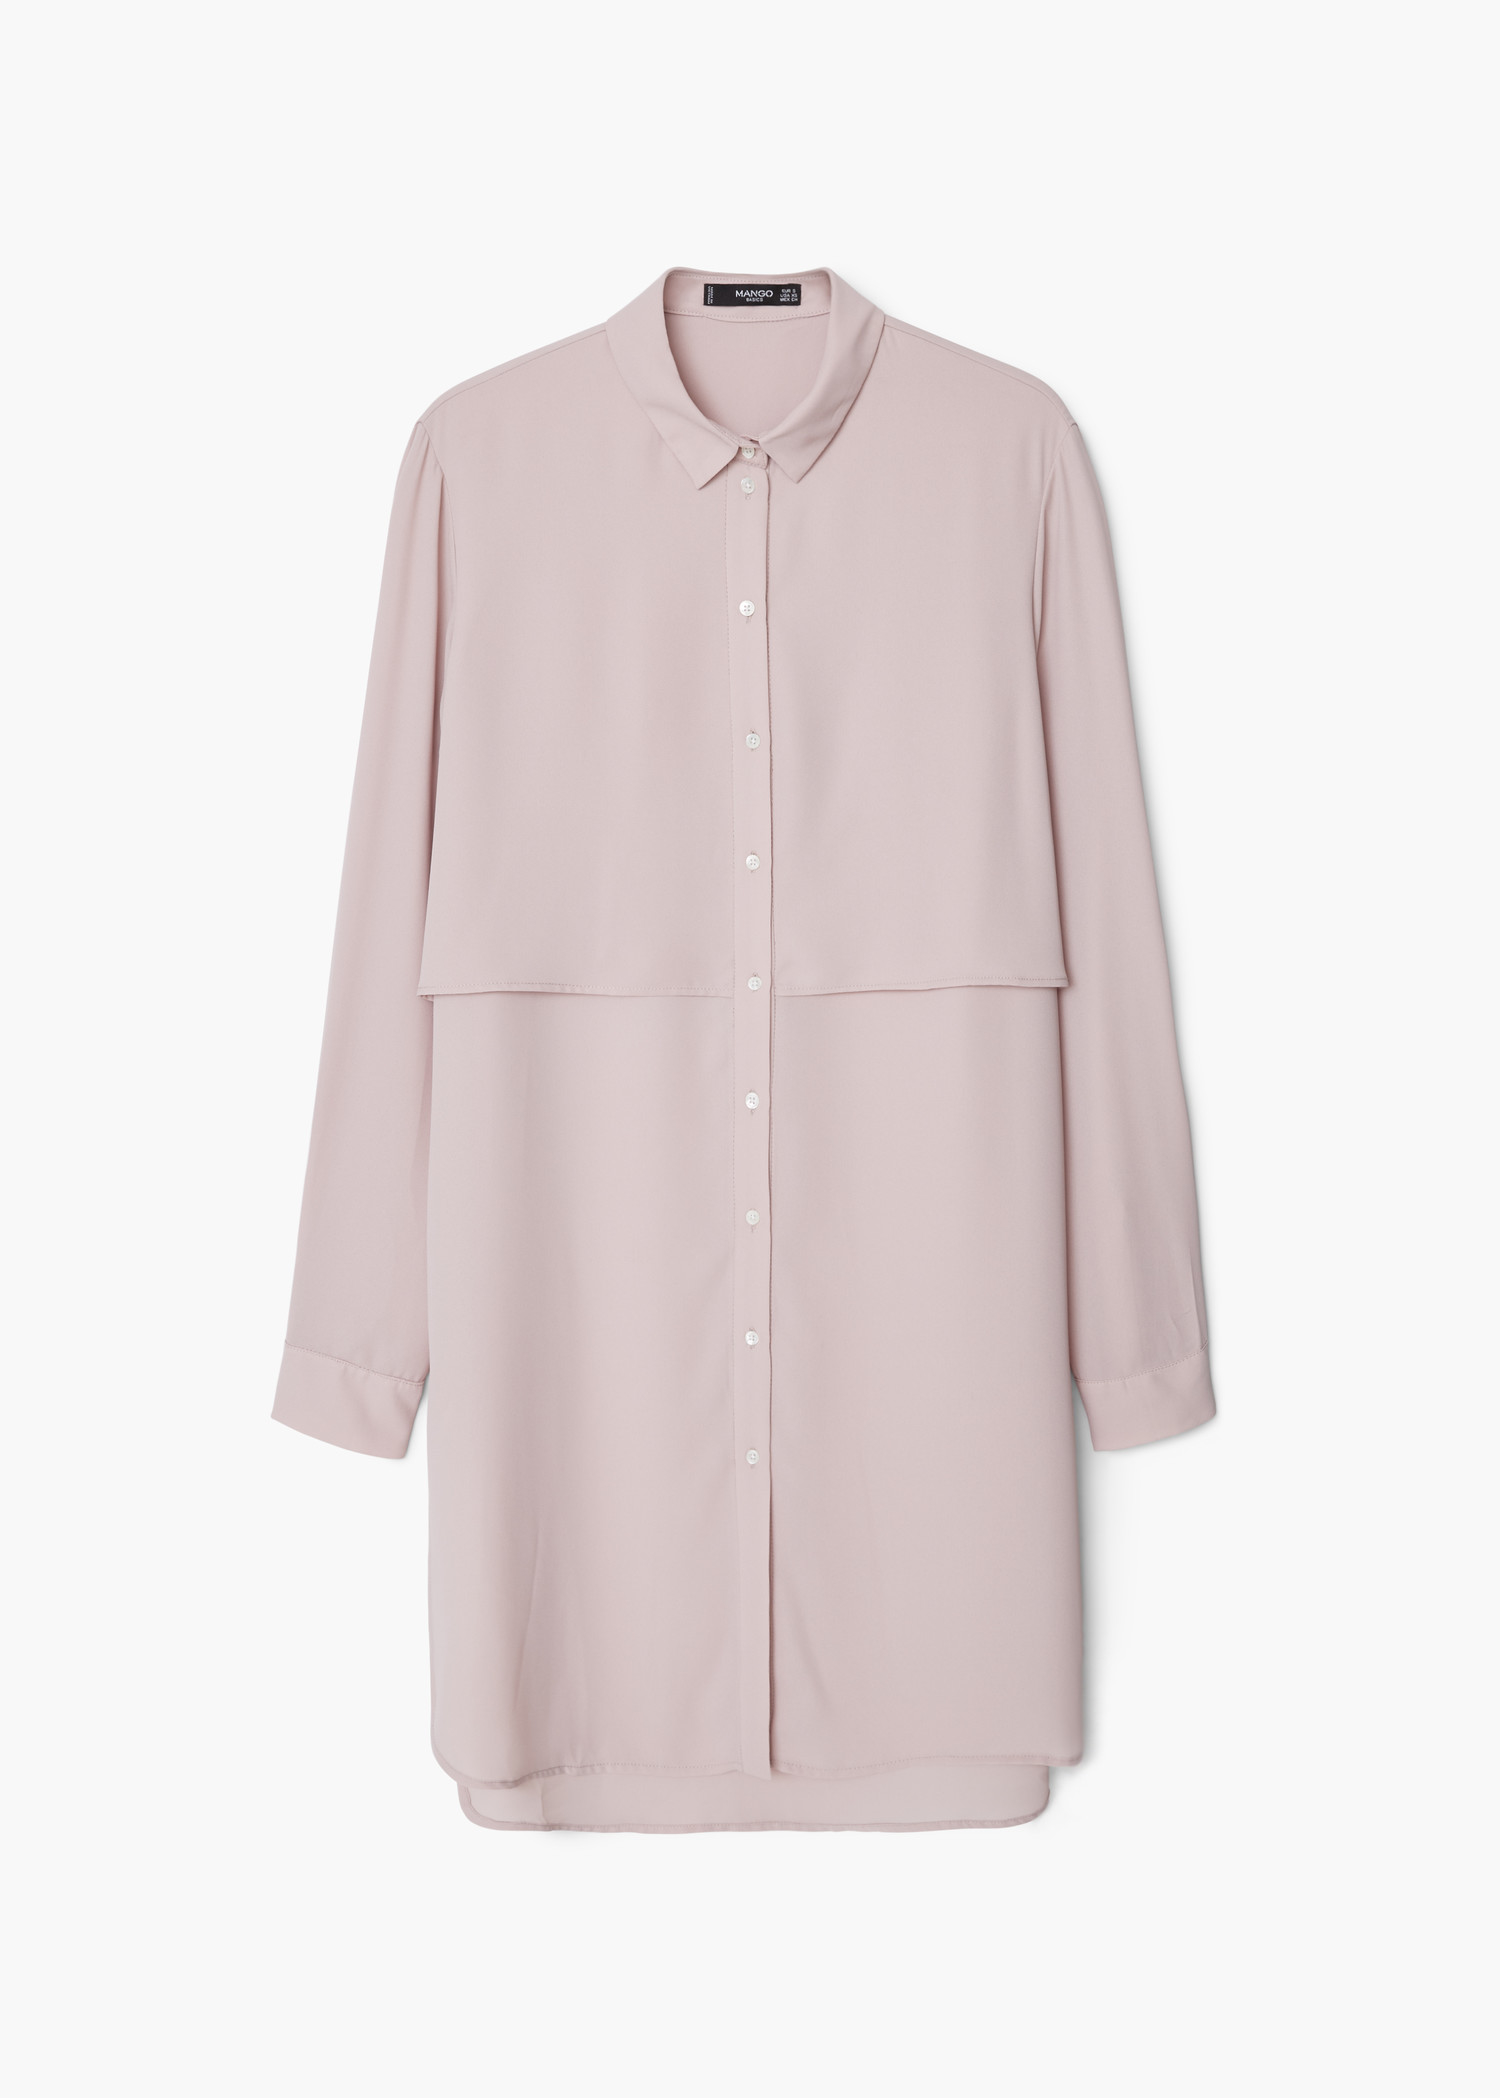 Mango Flowy Long Shirt in Pink | Lyst